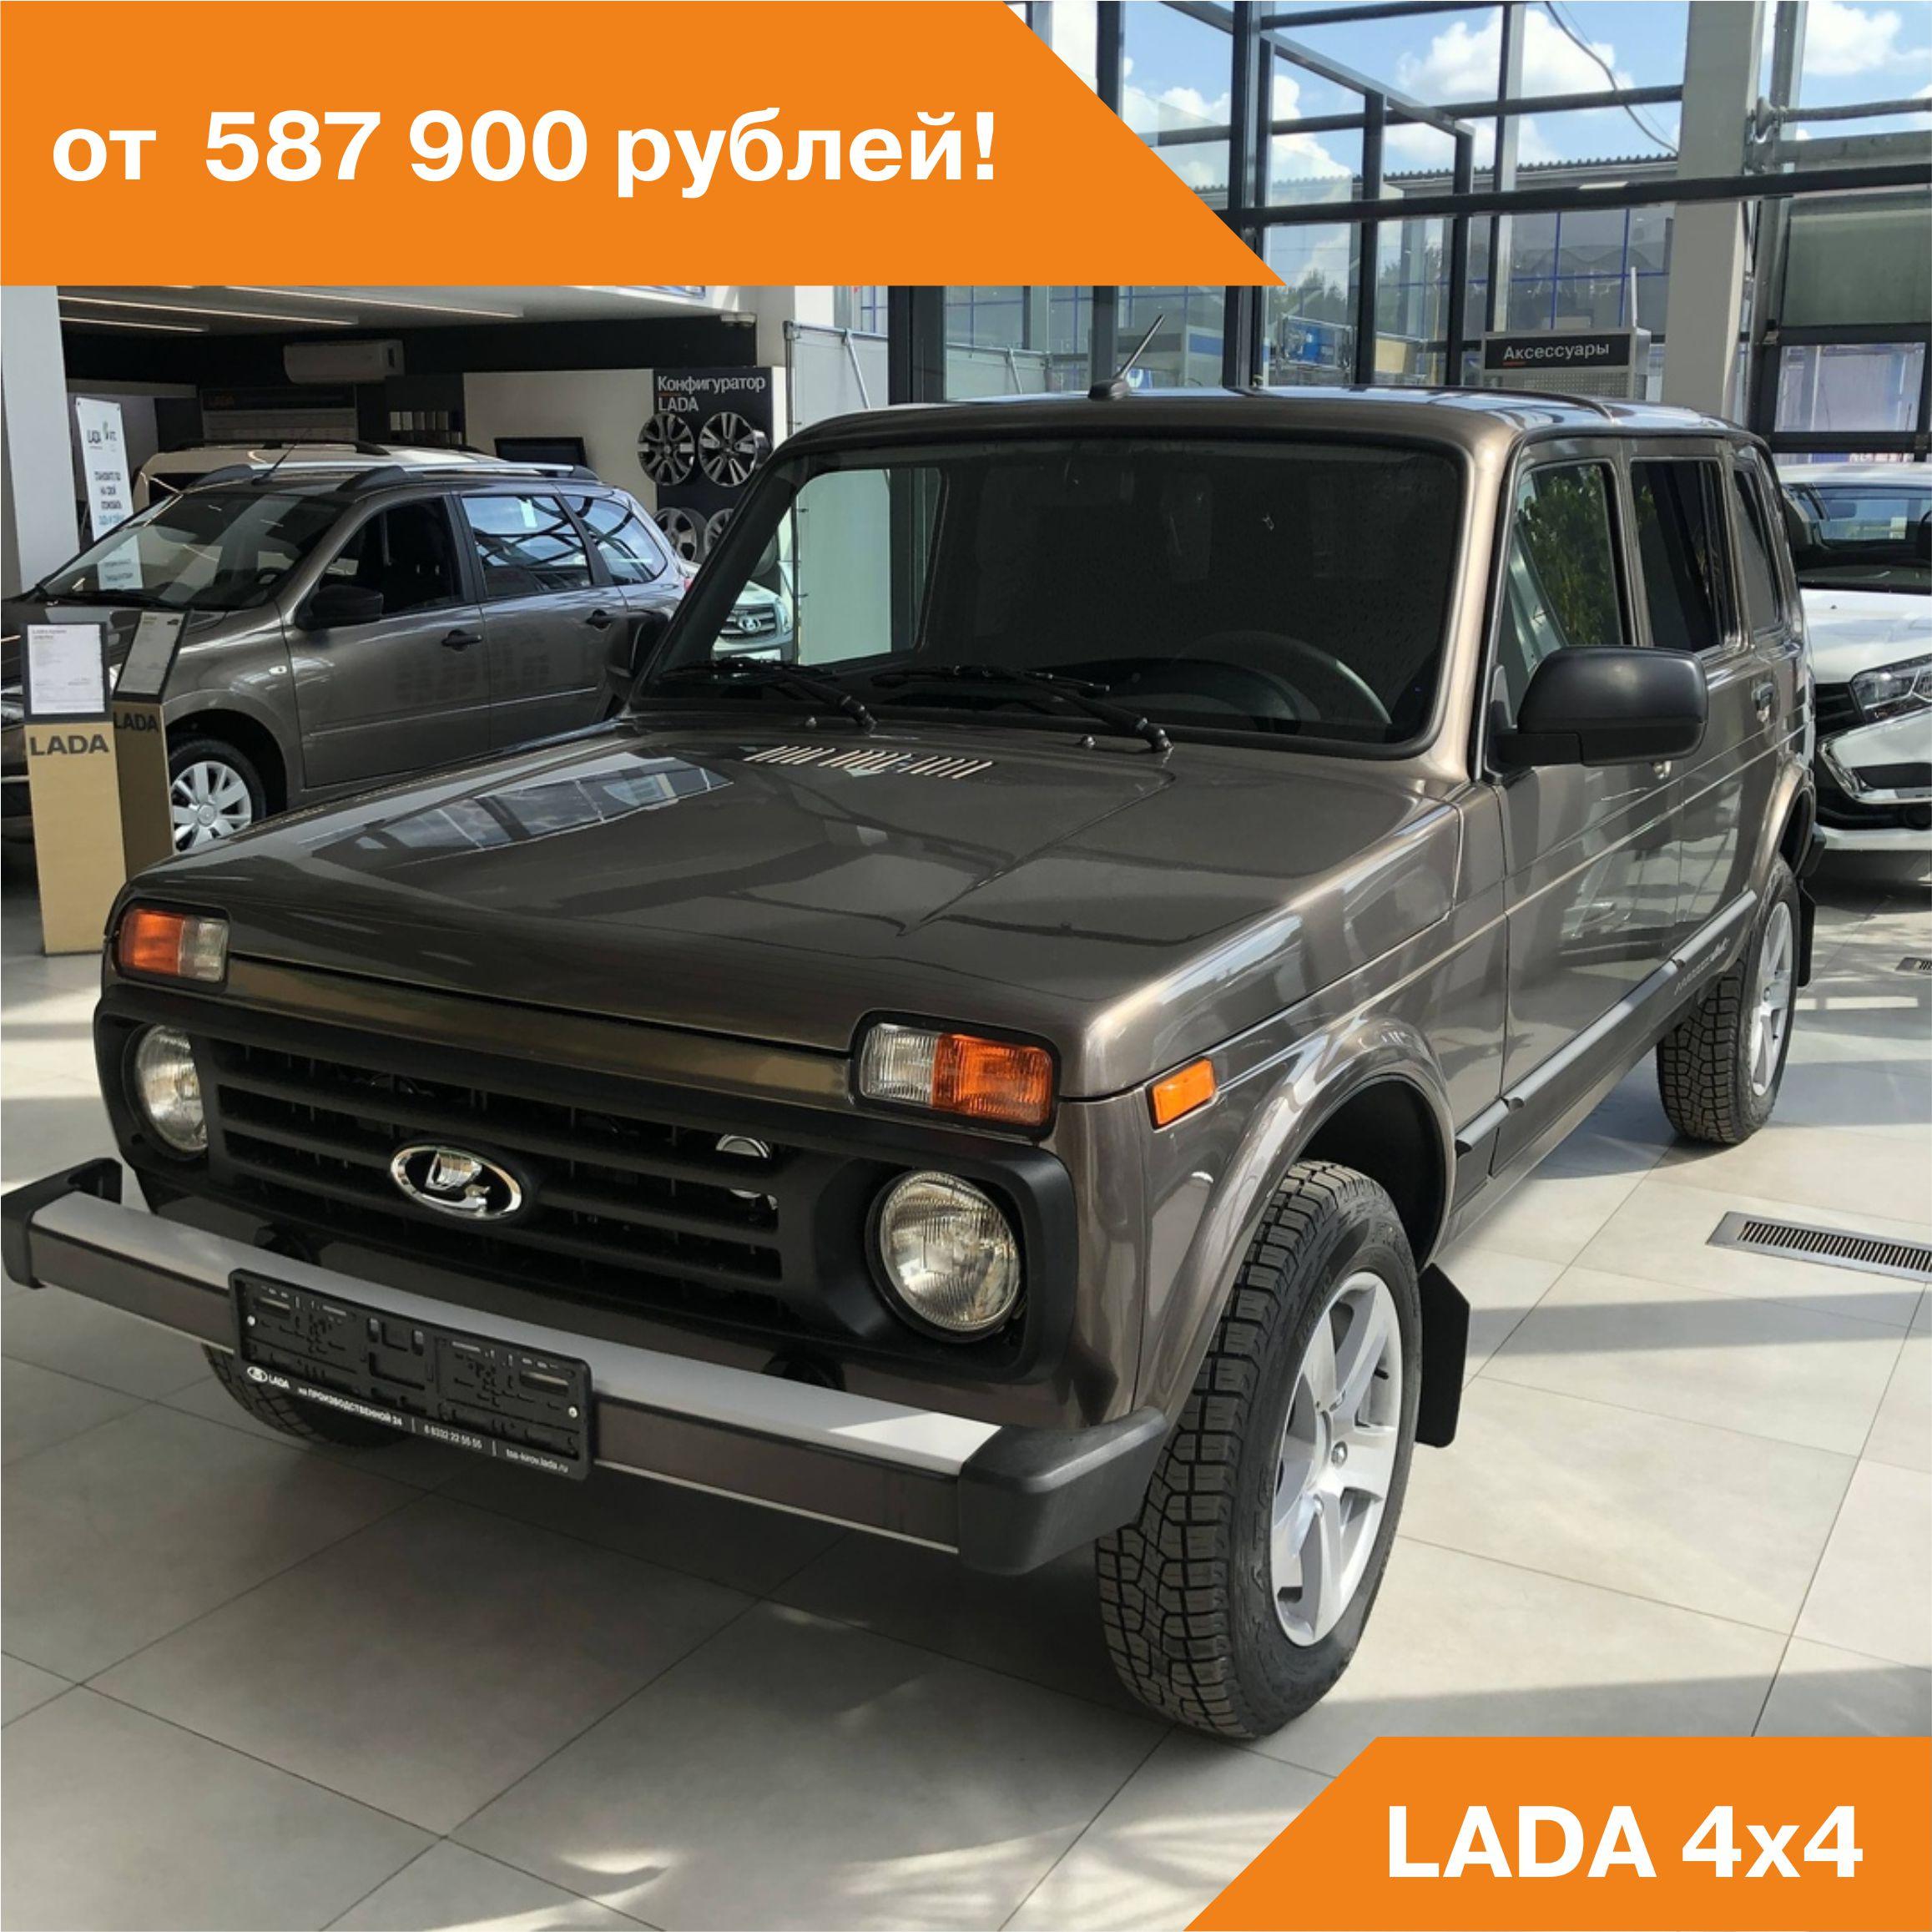 LADA 4x4 от 587 900 рублей!